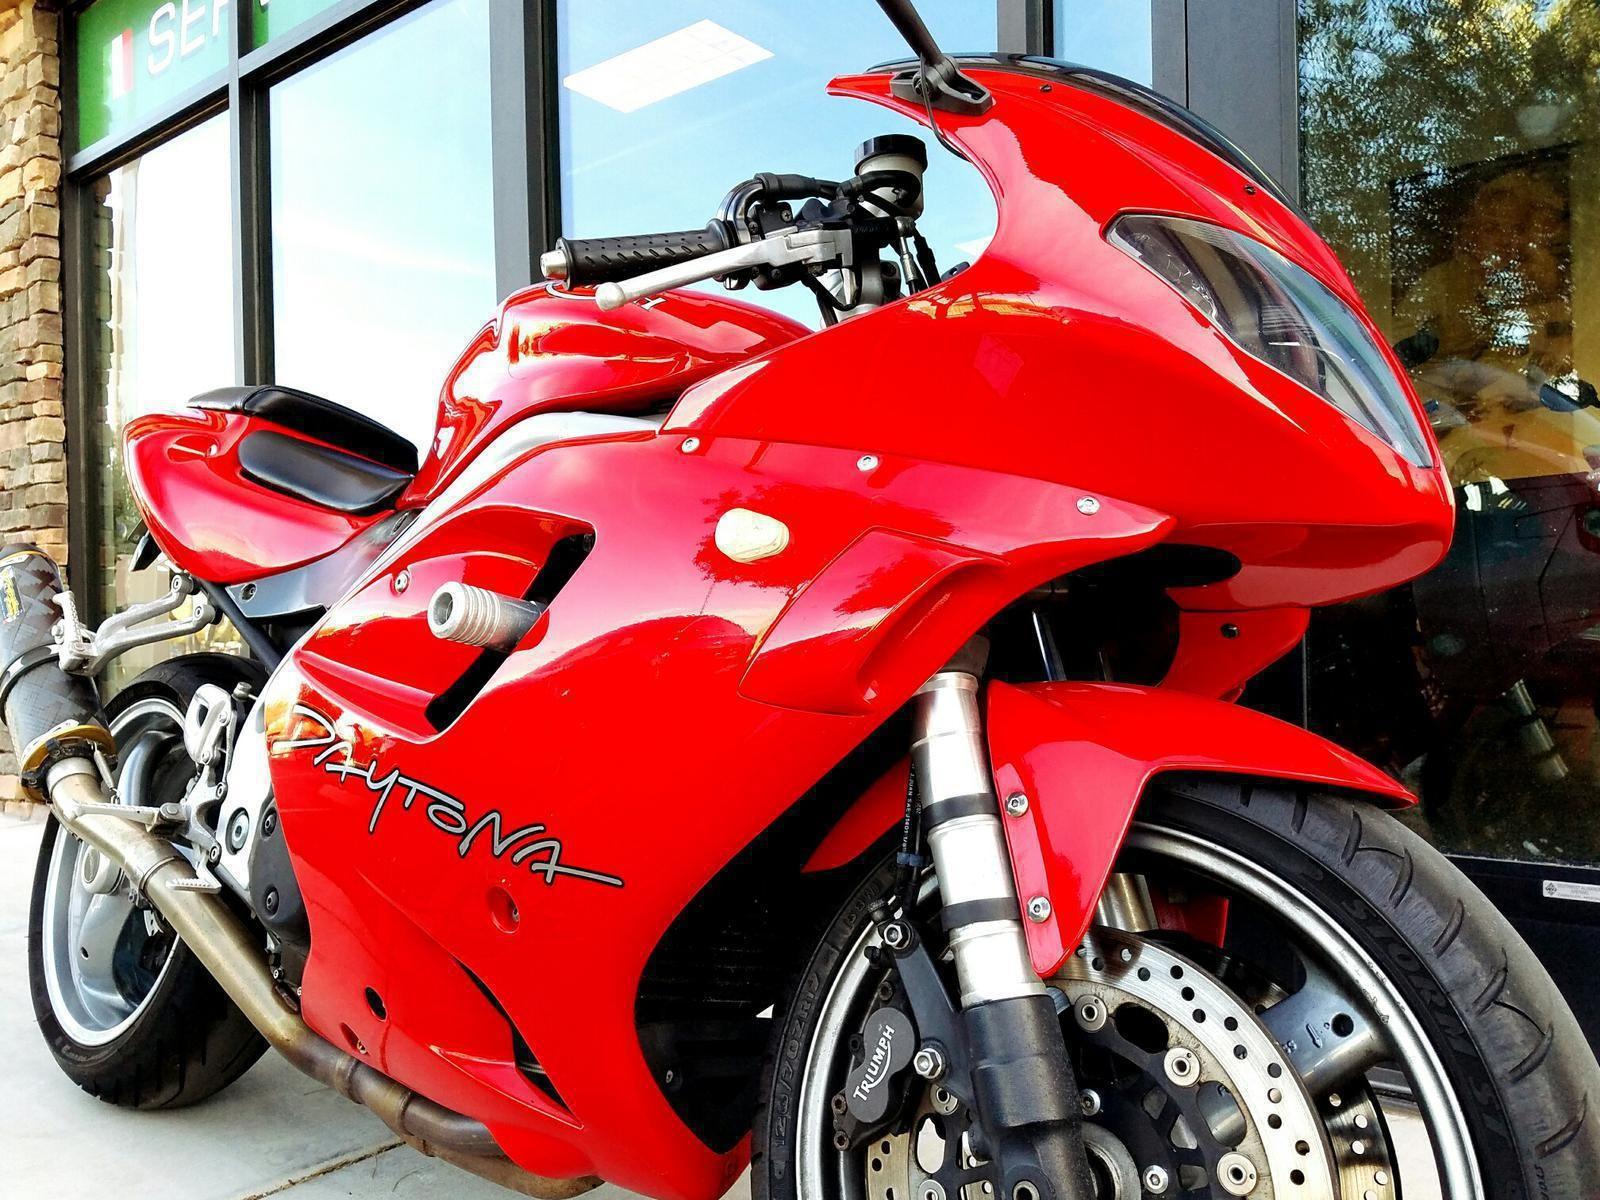 2004 Triumph Daytona 955i for sale in Las Vegas, NV